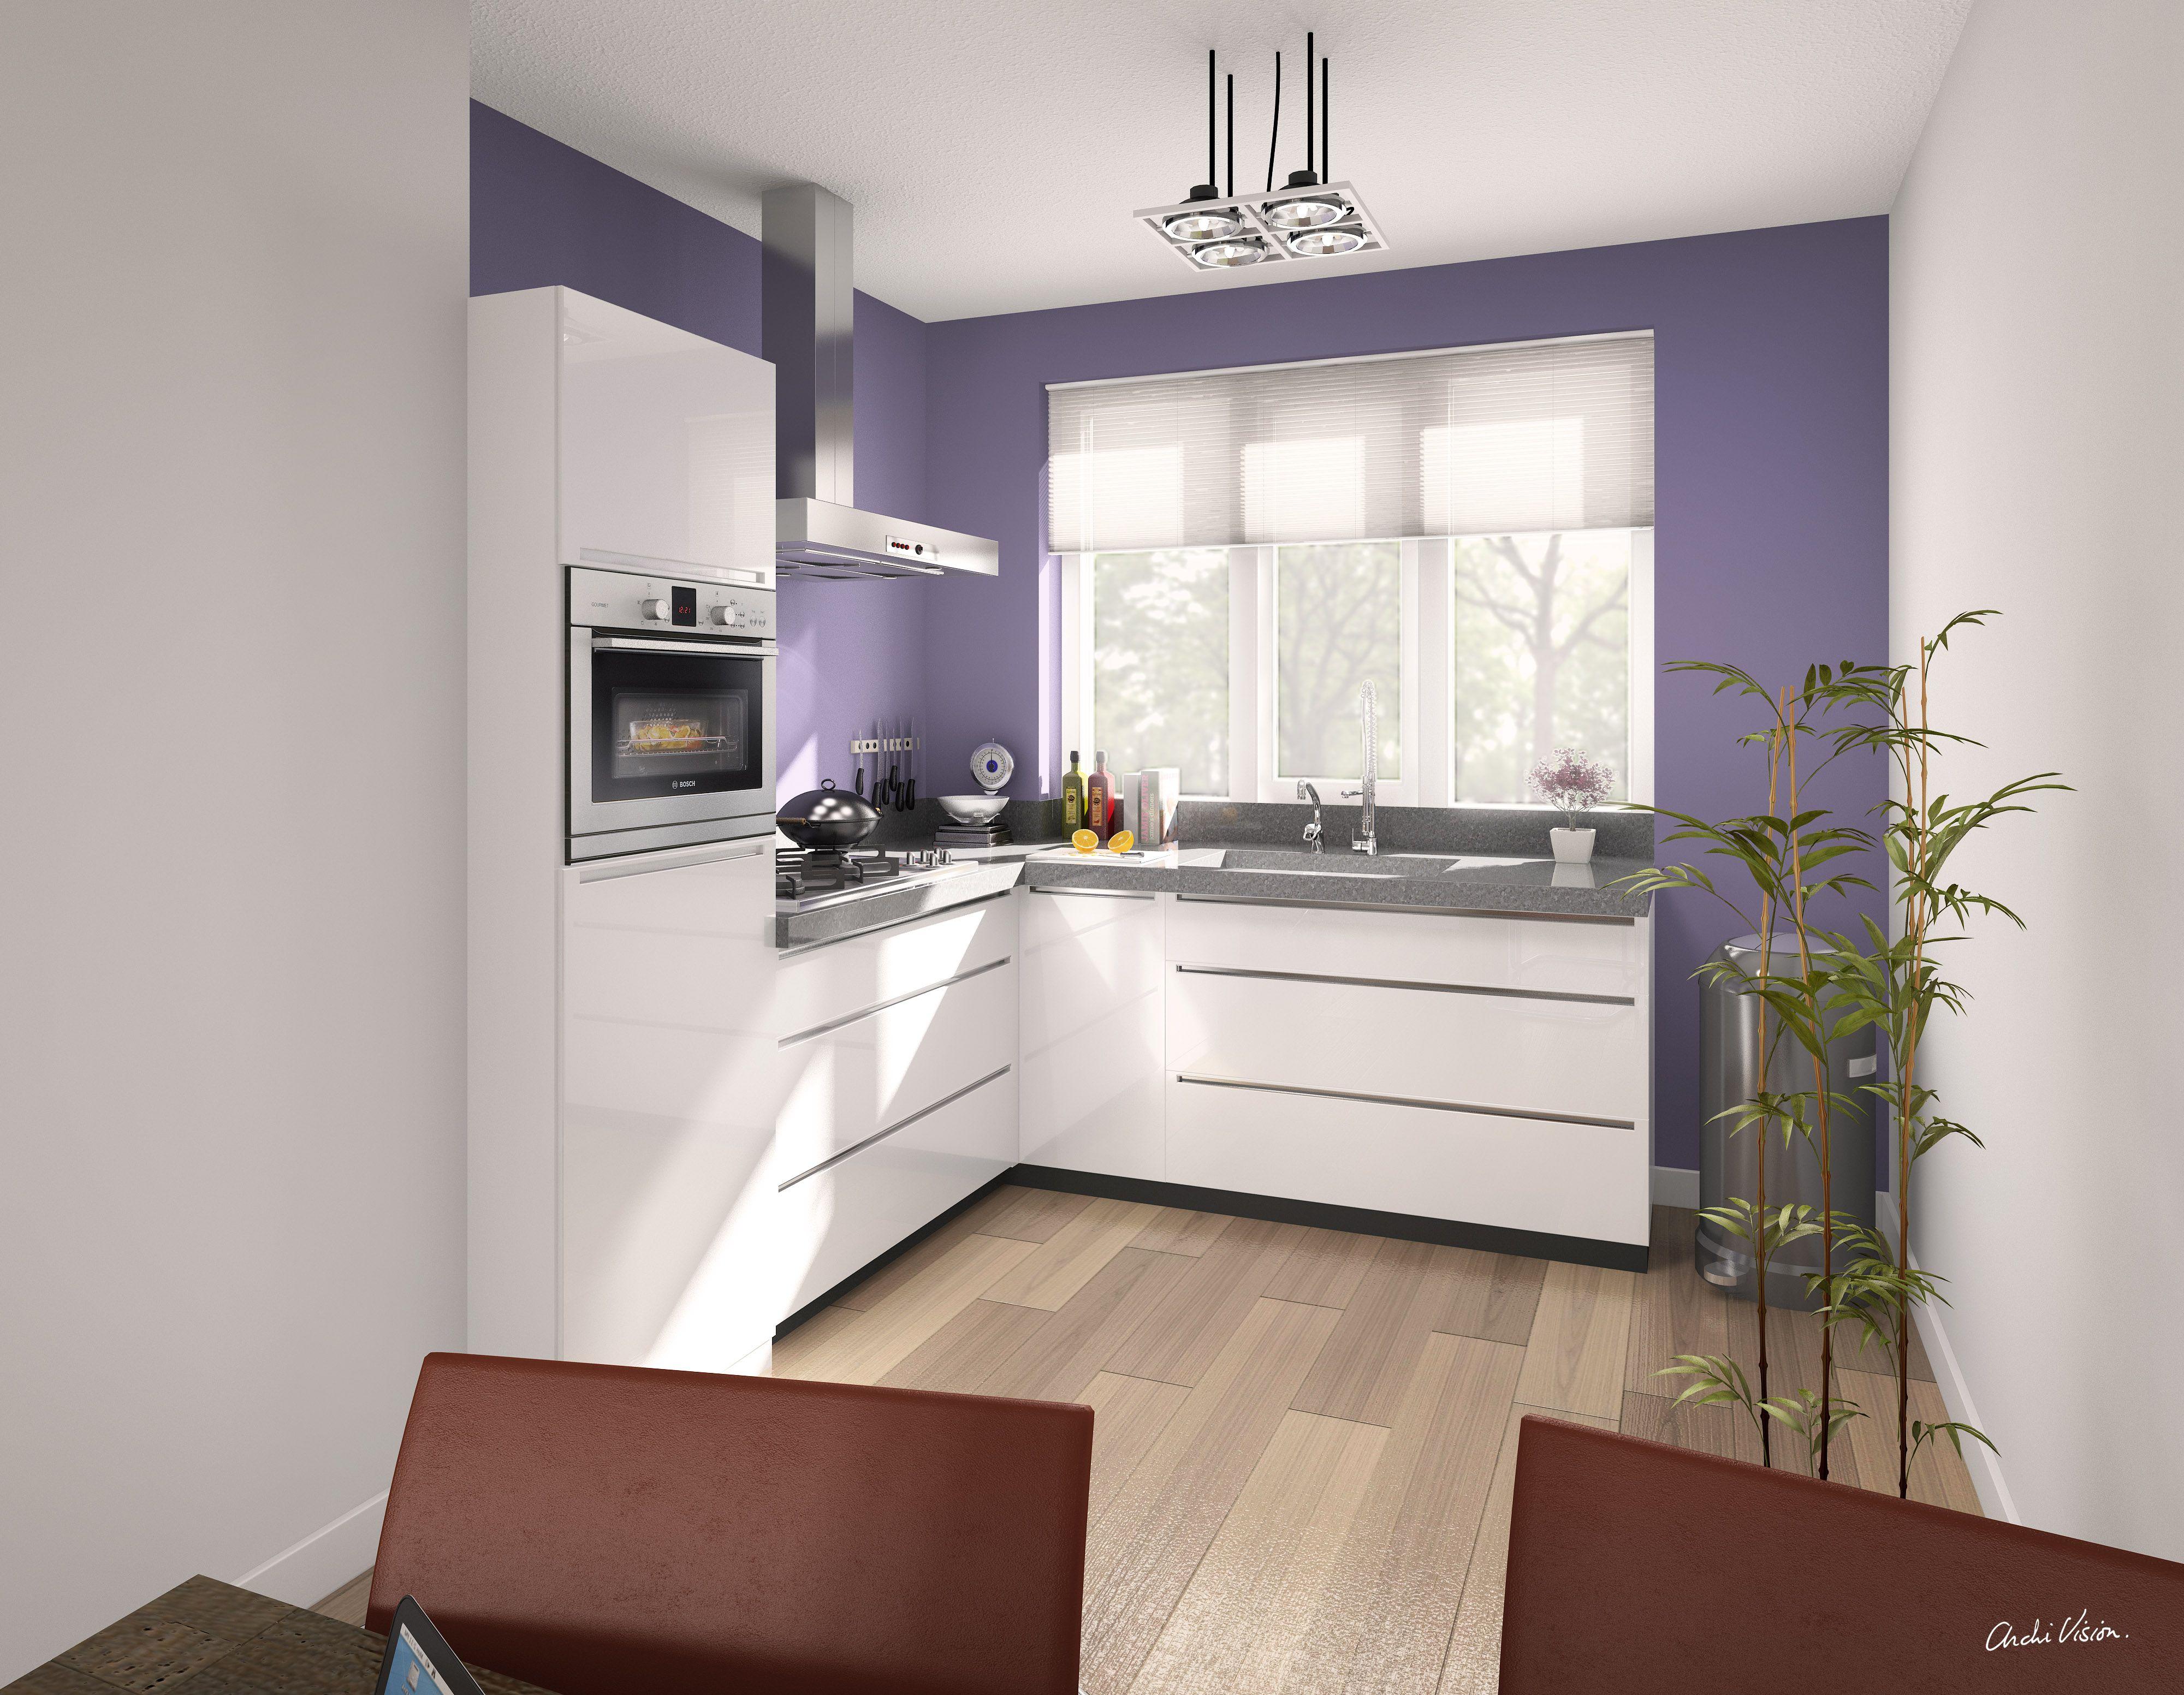 Klein Schiereiland Keuken : Keukenontwerp #hoekkeuken voor nieuwbouwwoning van wanrooij